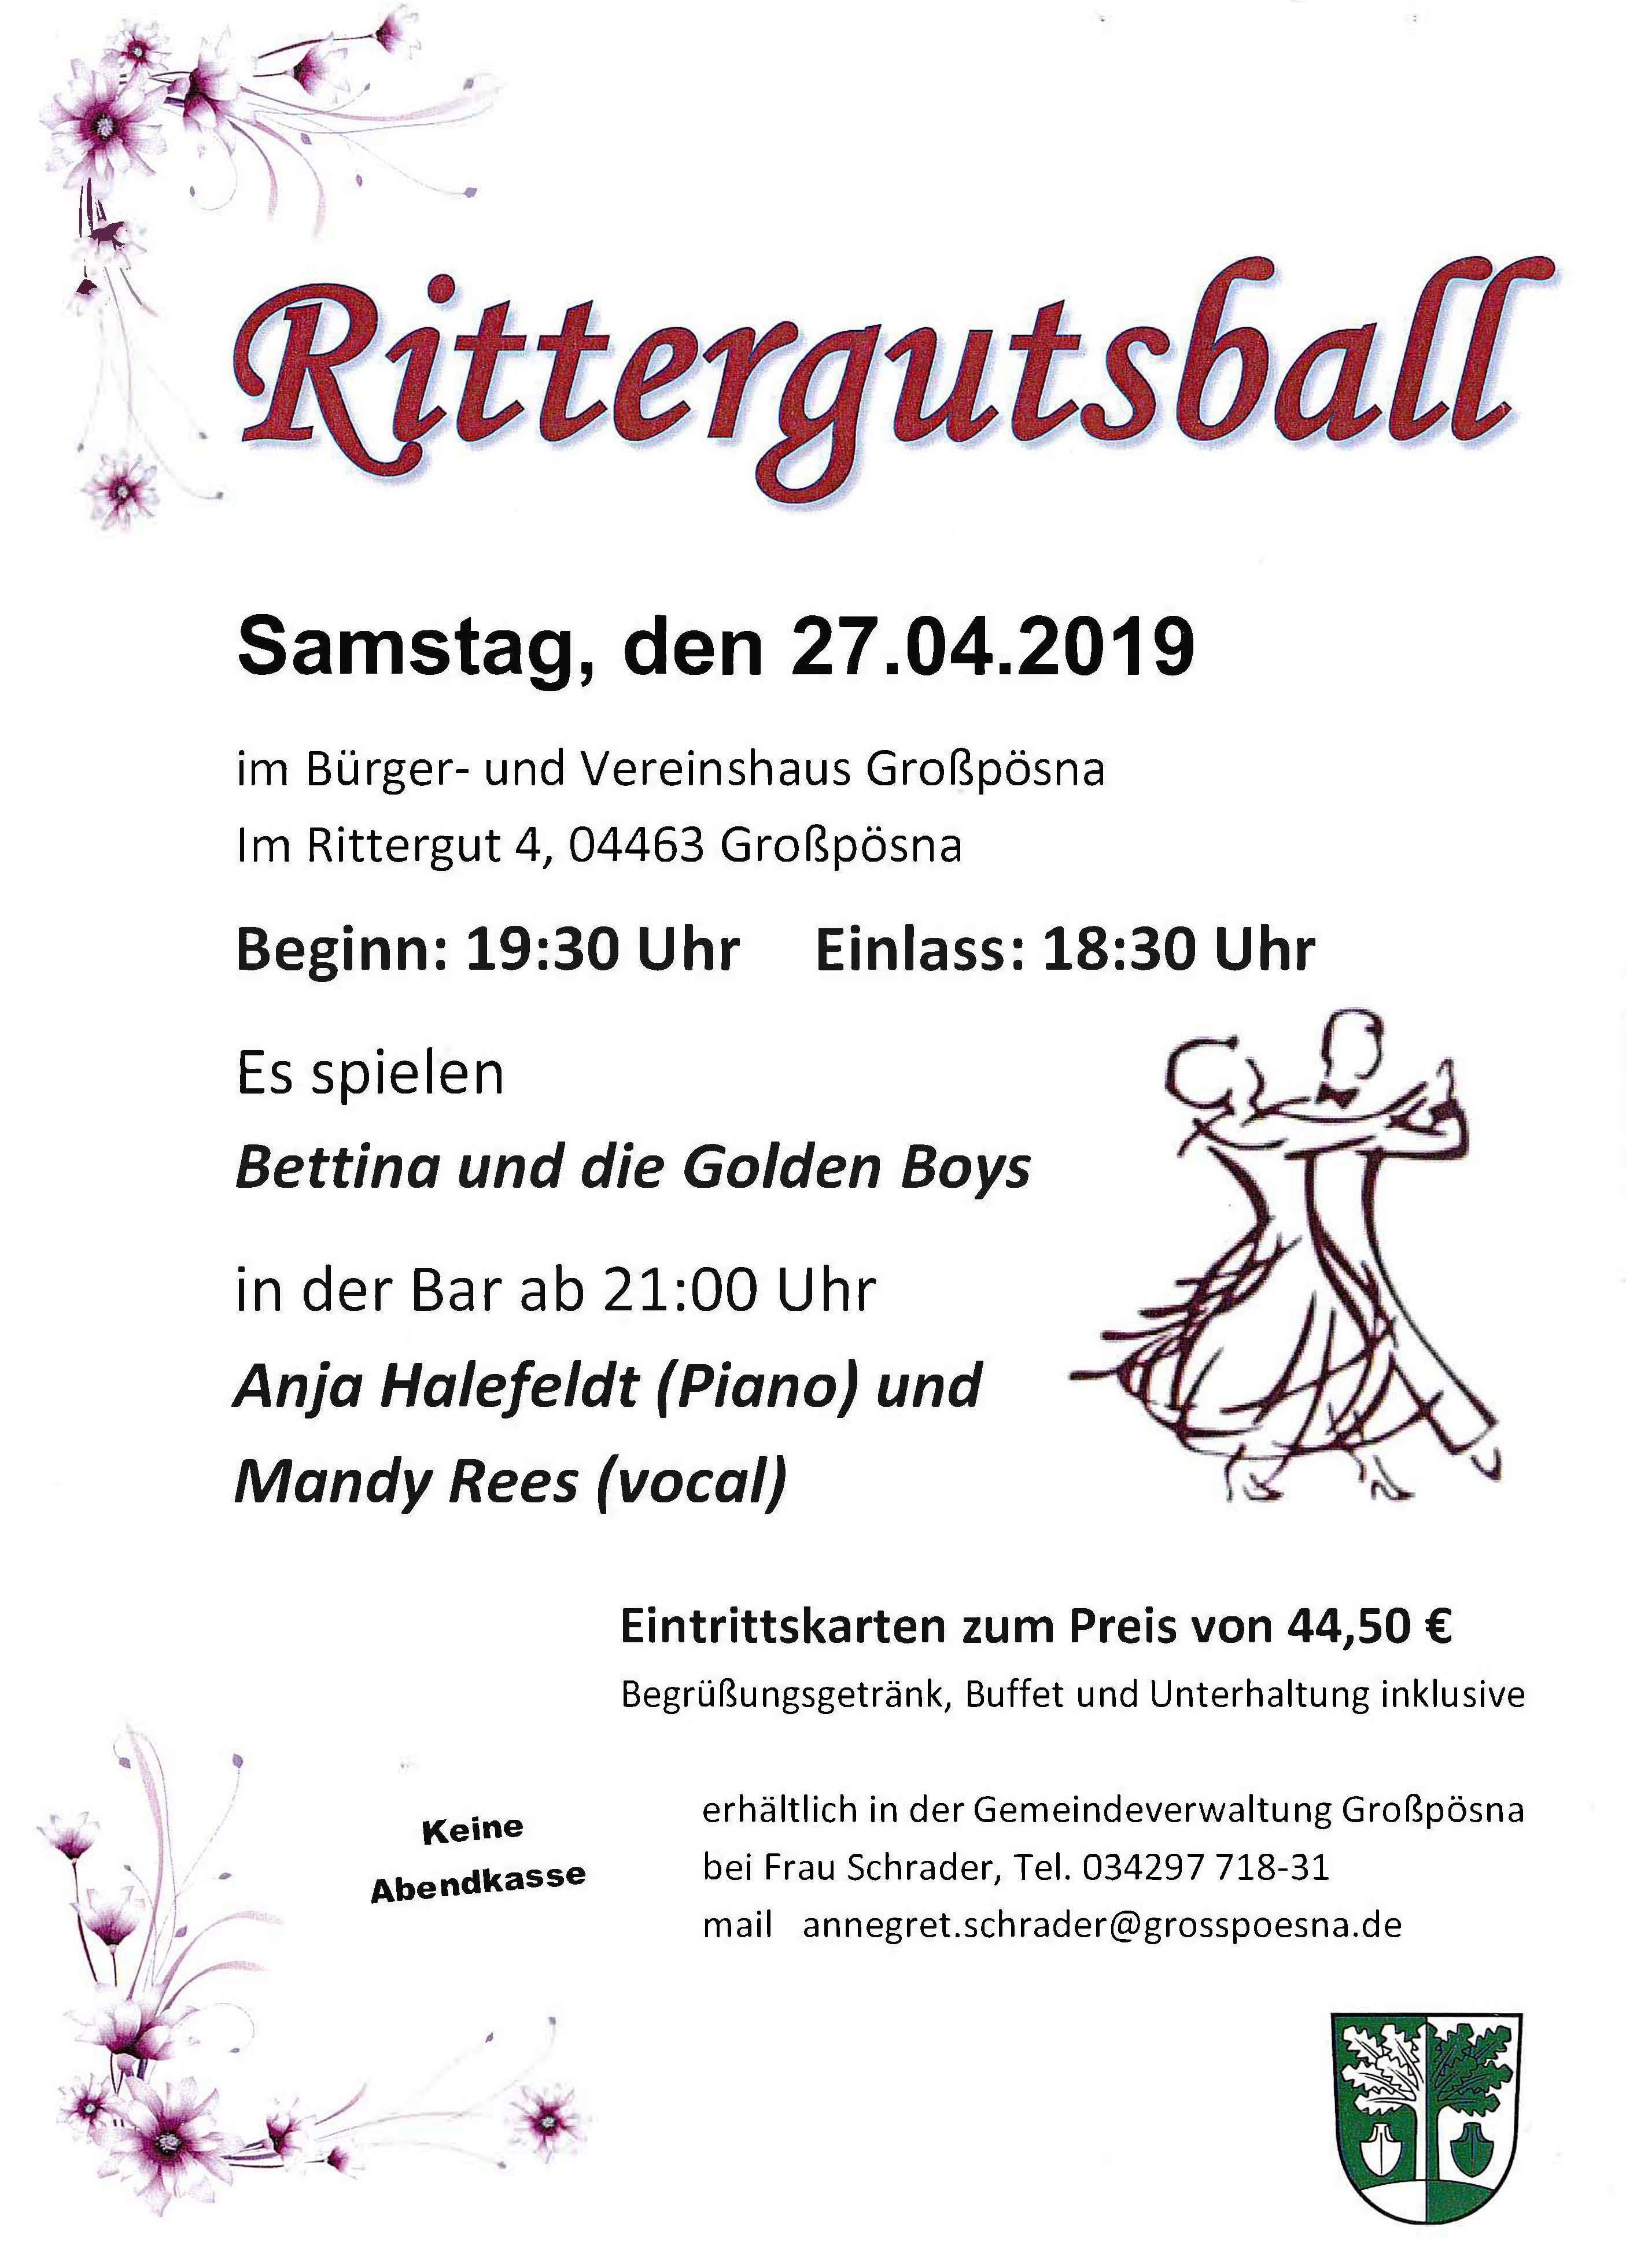 Plakat Rittergutsball